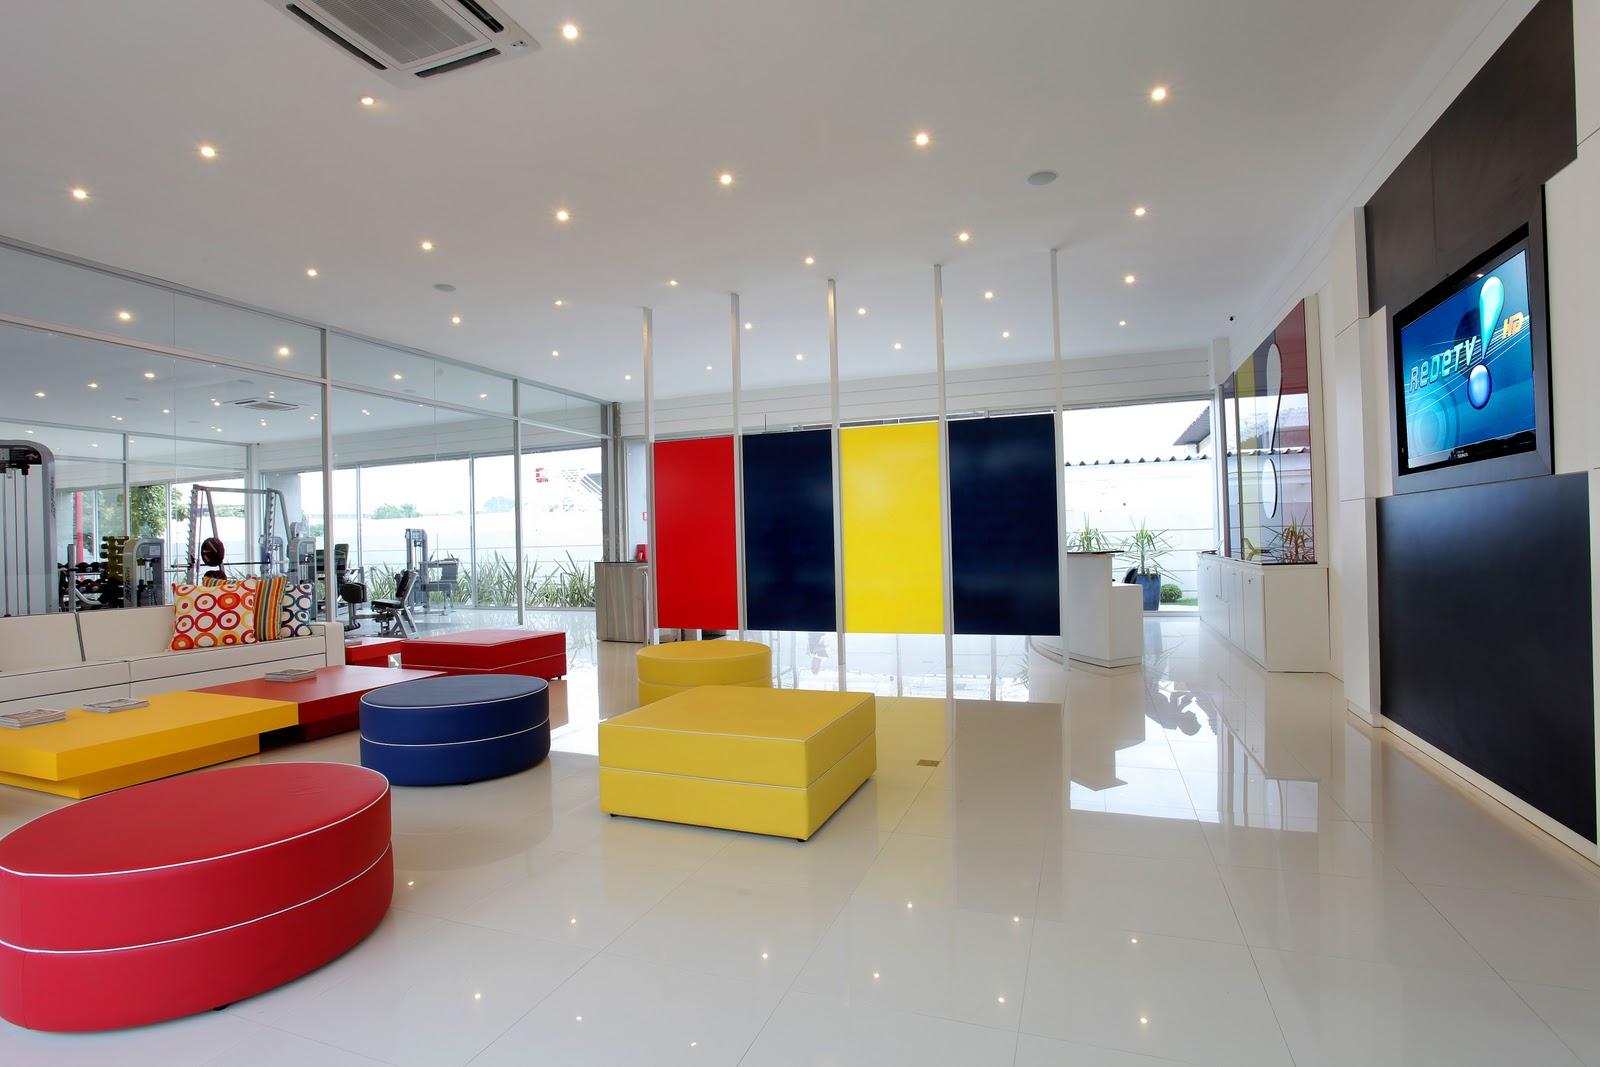 Área dos banheiros com divisórias em vidro coloridos porcelanato  #AC1F2B 1600 1067